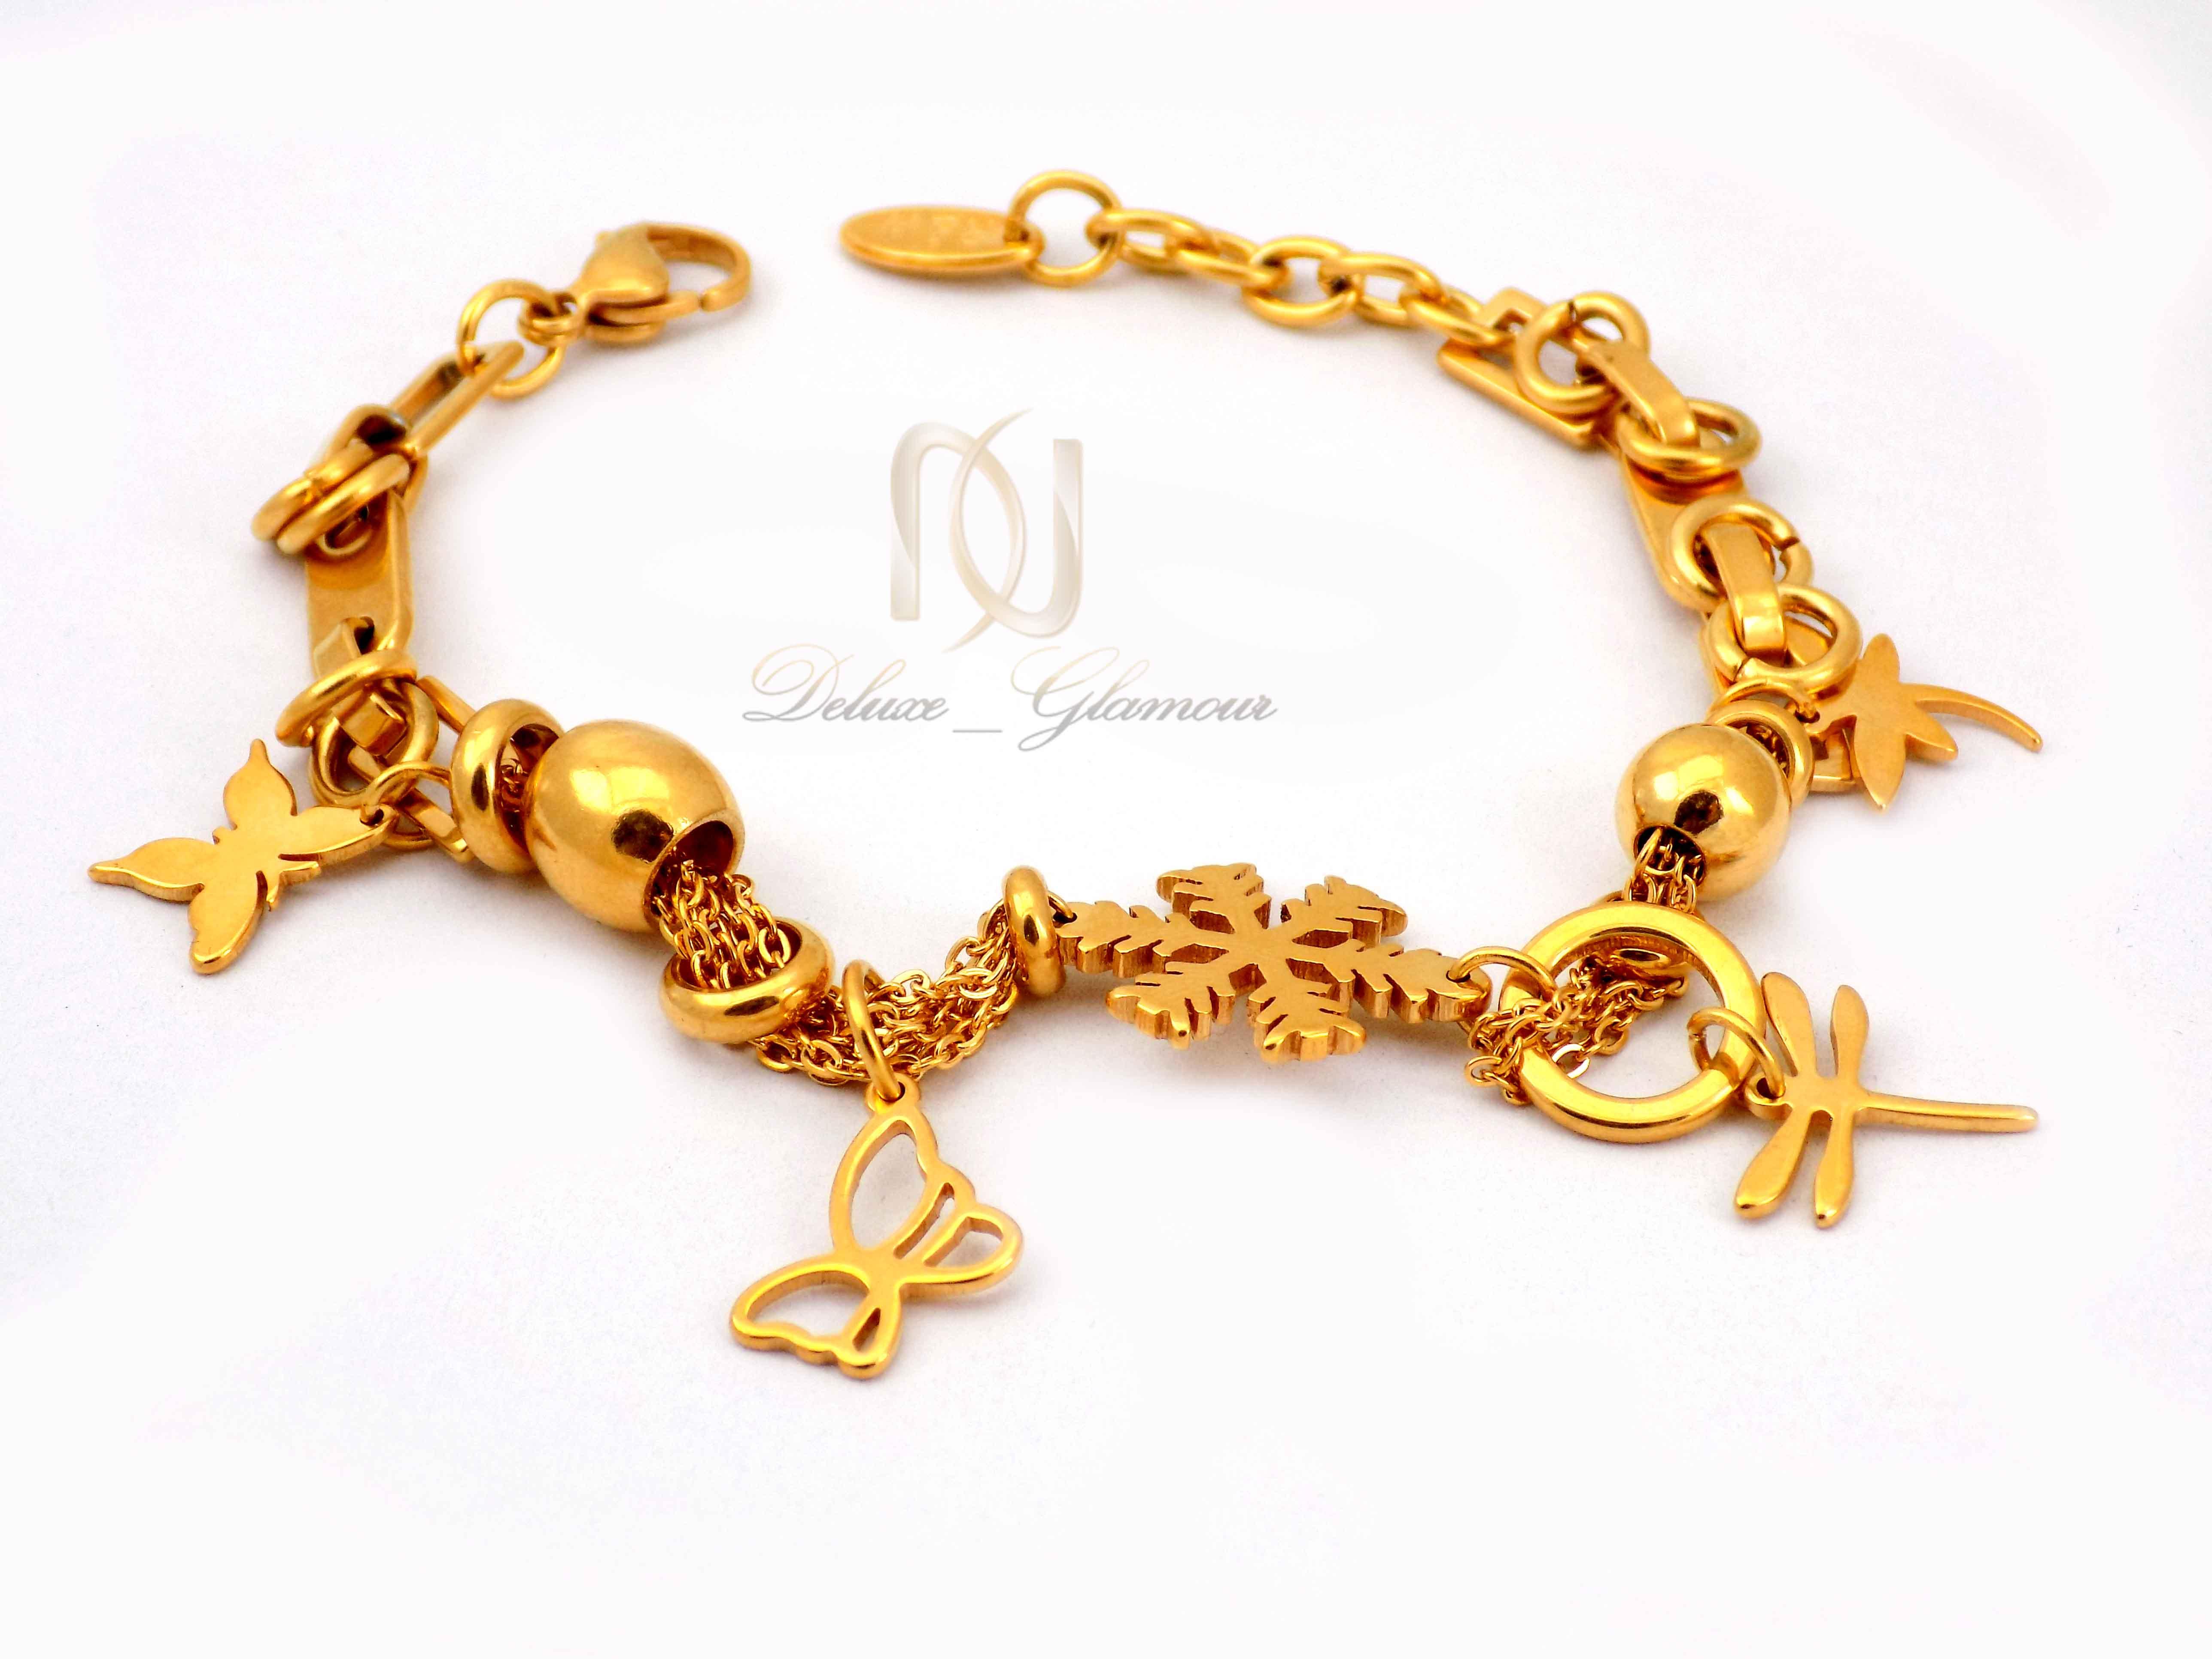 دستبند زنانه آویزدار طرح طلای استیل ds-n415 از نمای سفید